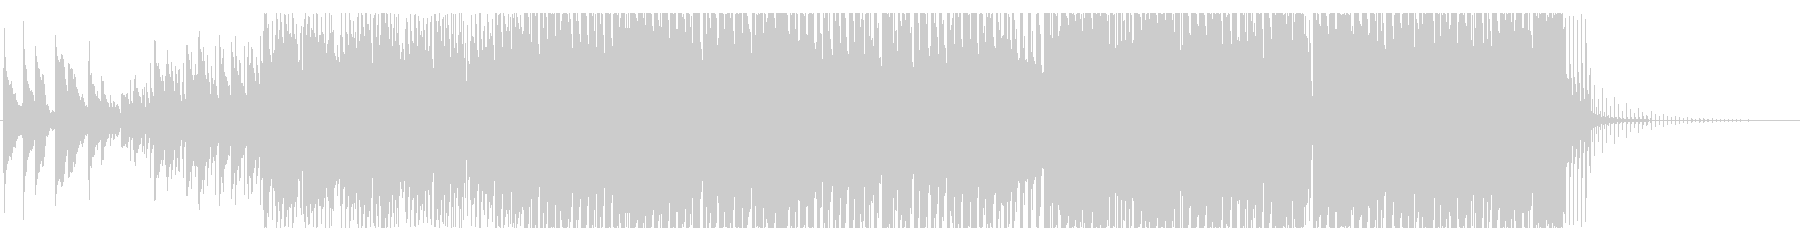 エモいテクノポップの未再生の波形